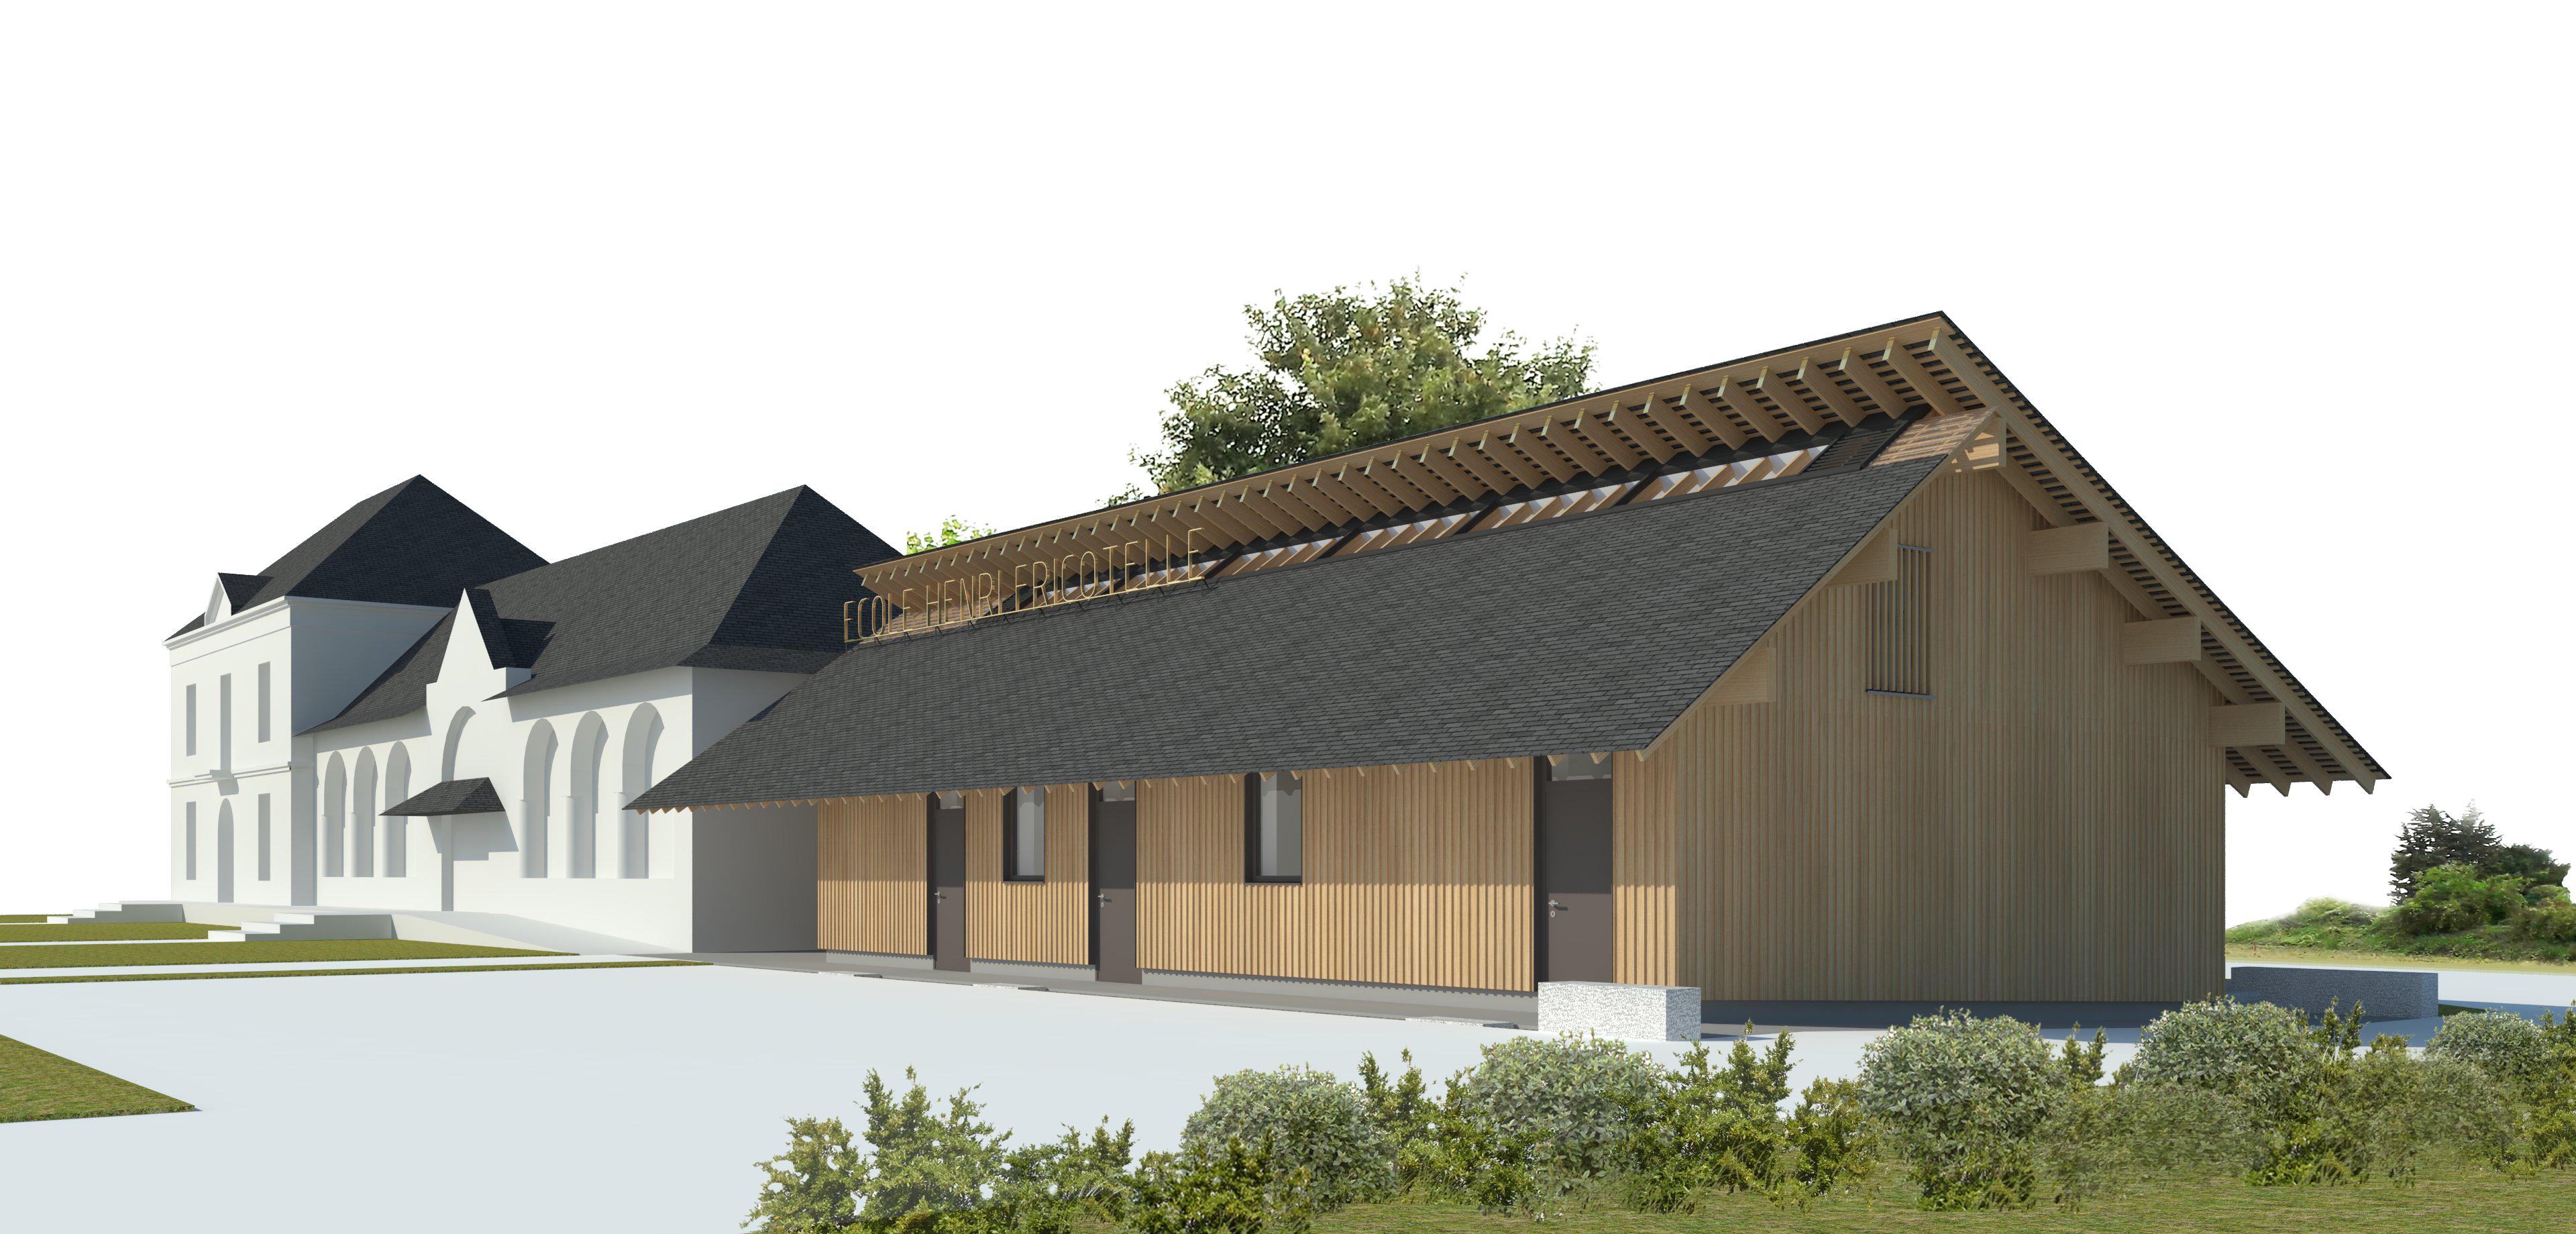 R-2017-062 Construction d'un restaurant scolaire - Rou Marson 01_ROU_pers_NO